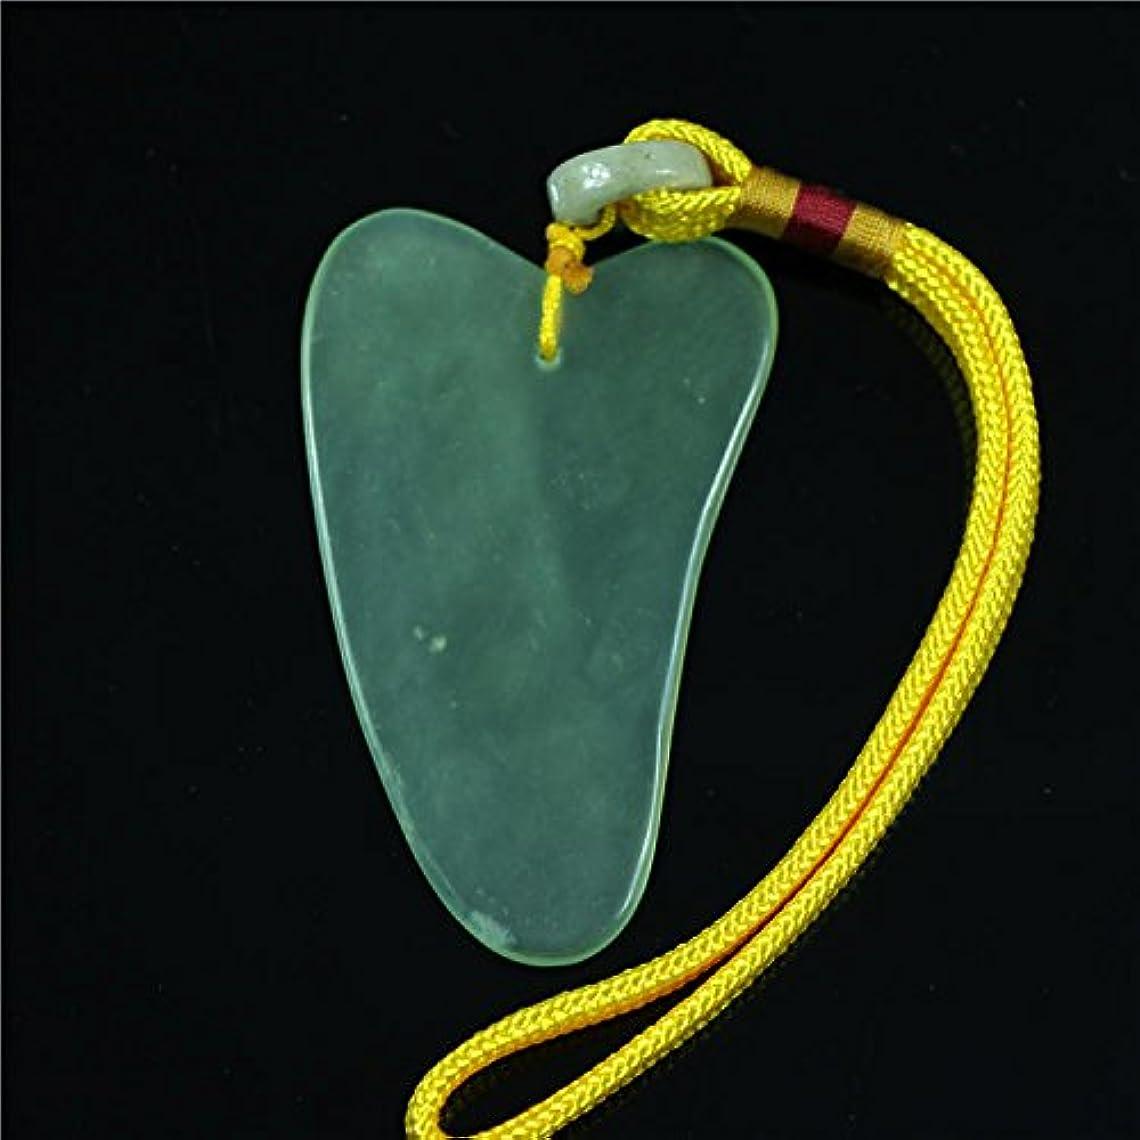 のみ再び苦いFace / Body Massage Natural Jade Boardかっさプレート 天然石 翡翠(顔?ボディのリンパマッサージ) (かっさプレートH)